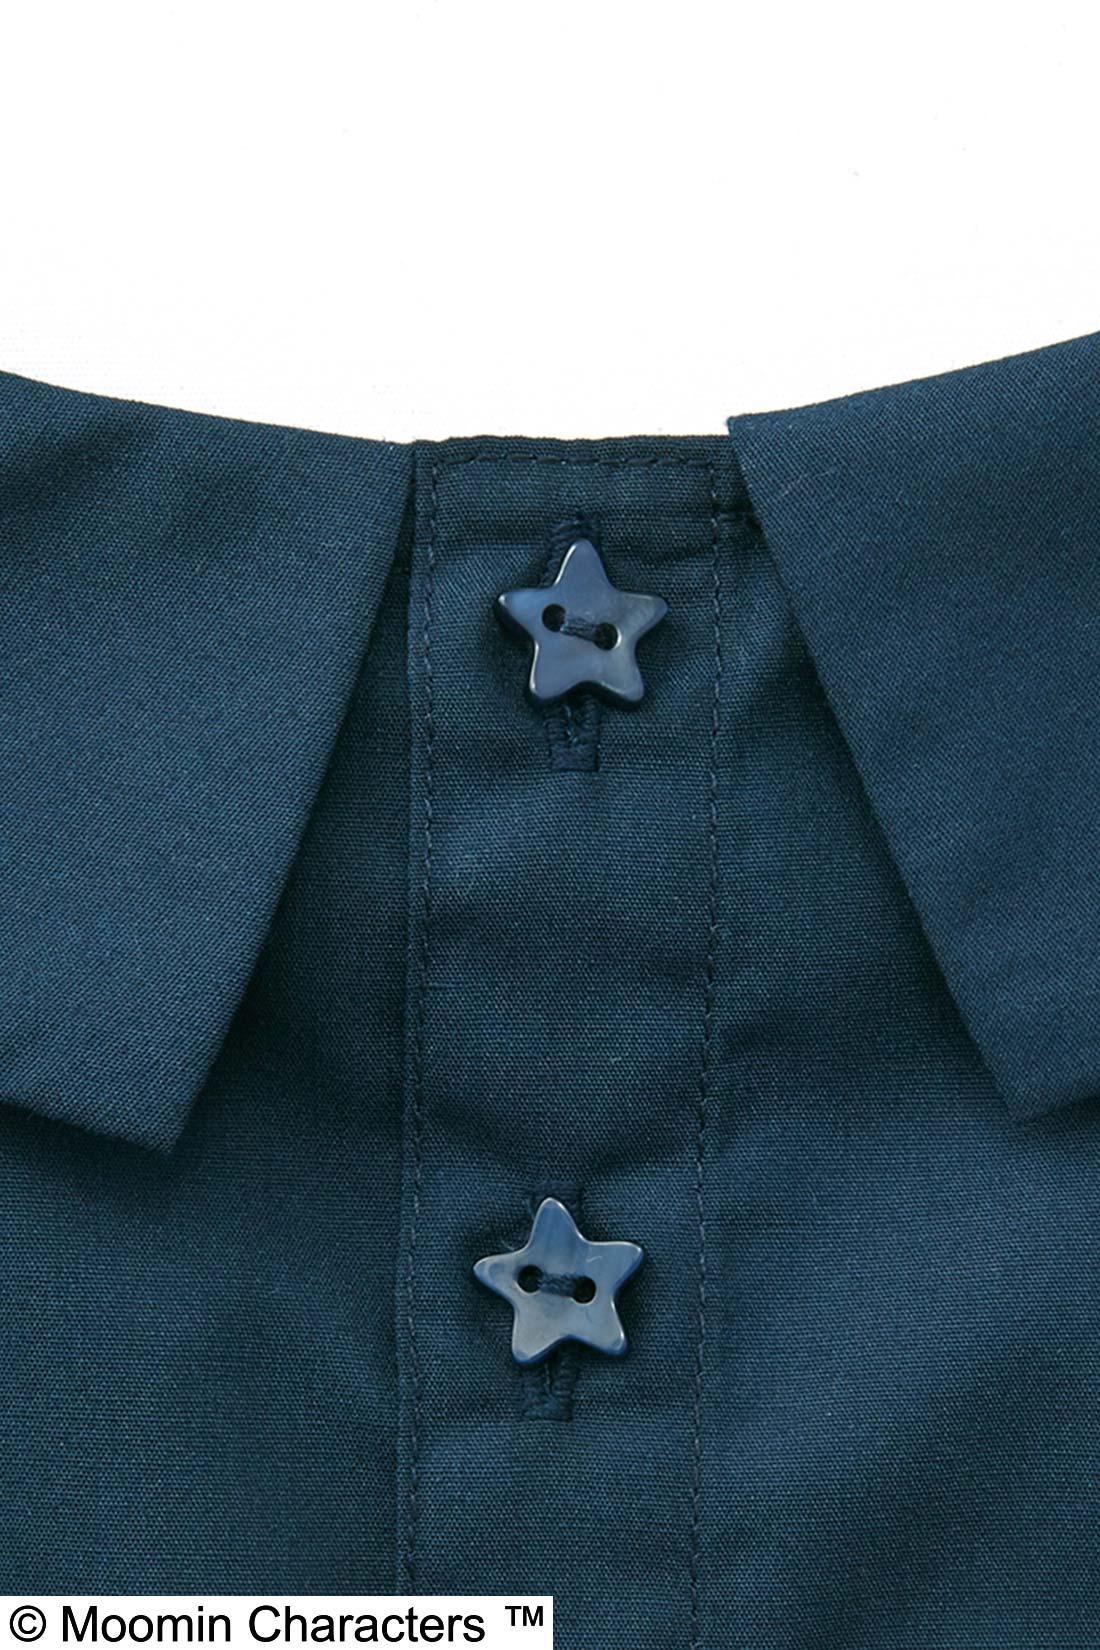 星のボタンで、後ろ姿もかわいいよ。